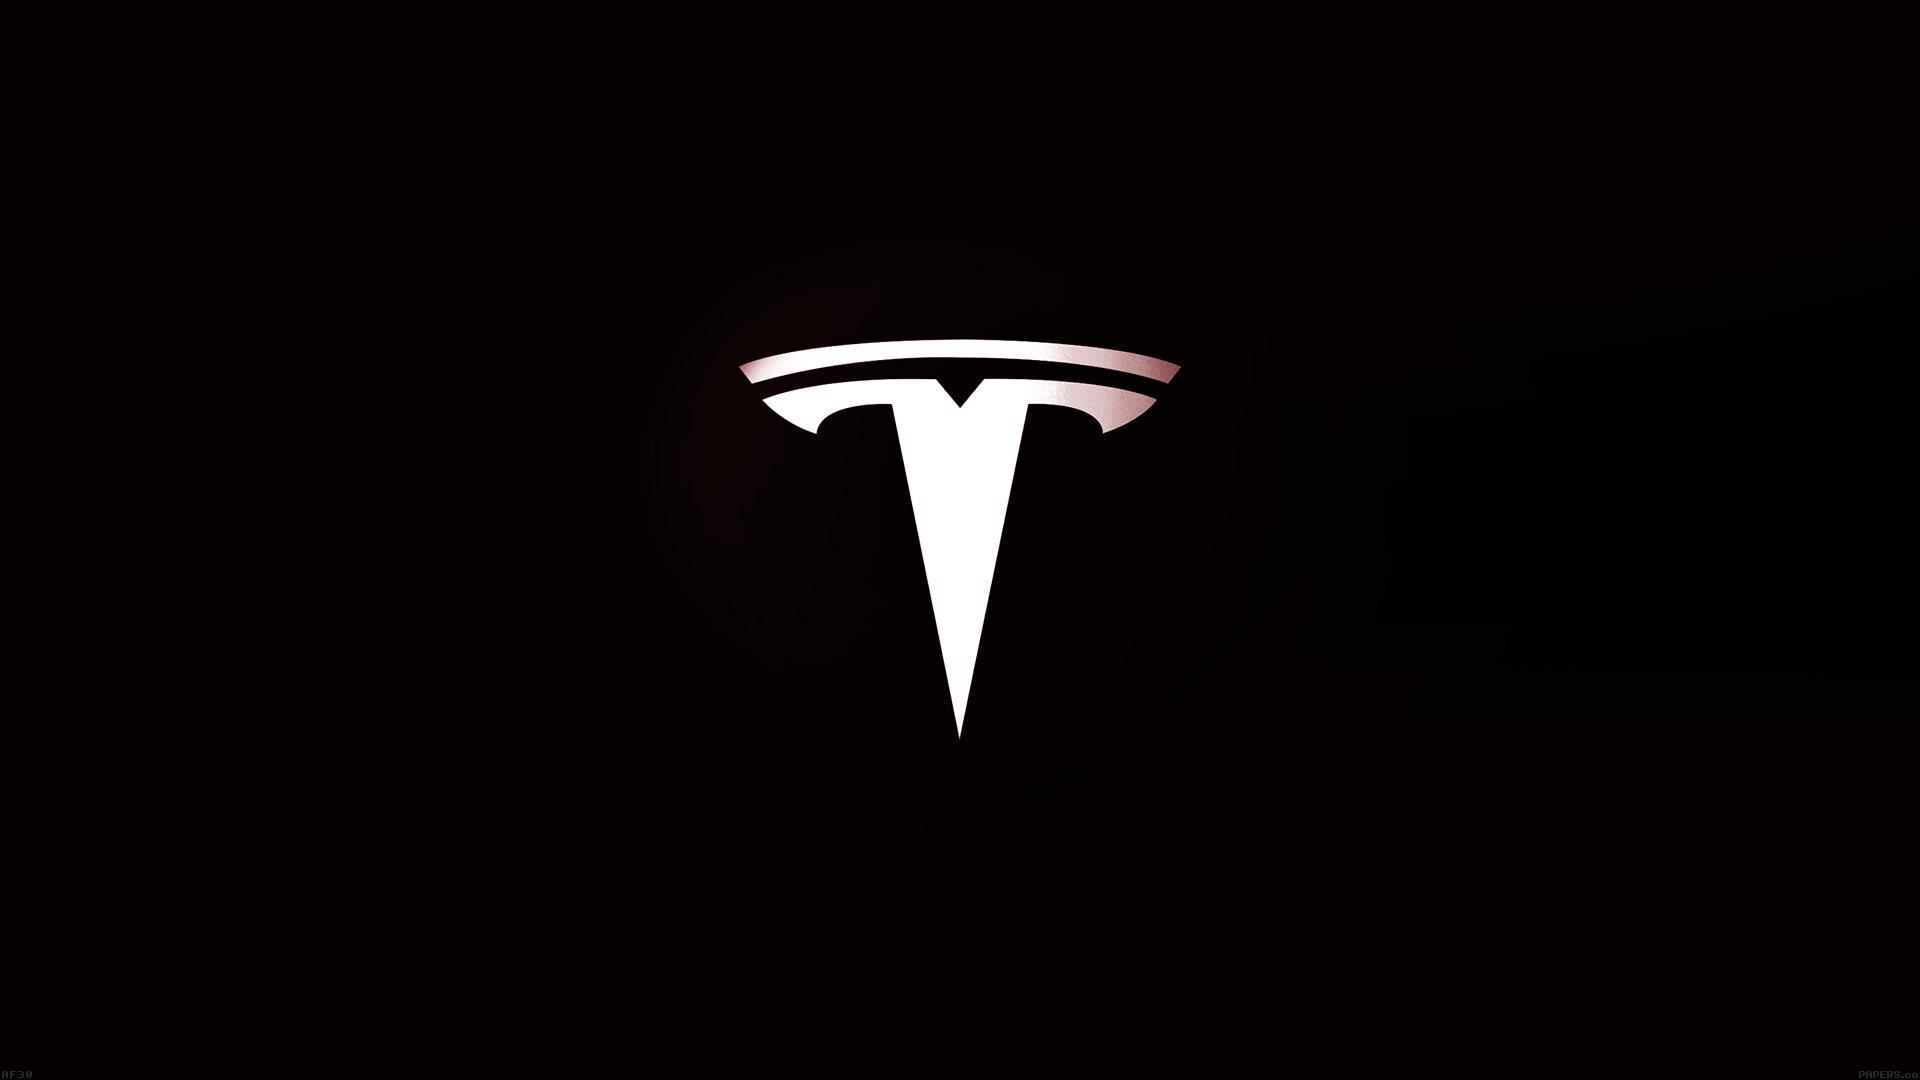 Gravity Falls Wallpaper Ipad Af30 Tesla Motors Logo Art Papers Co